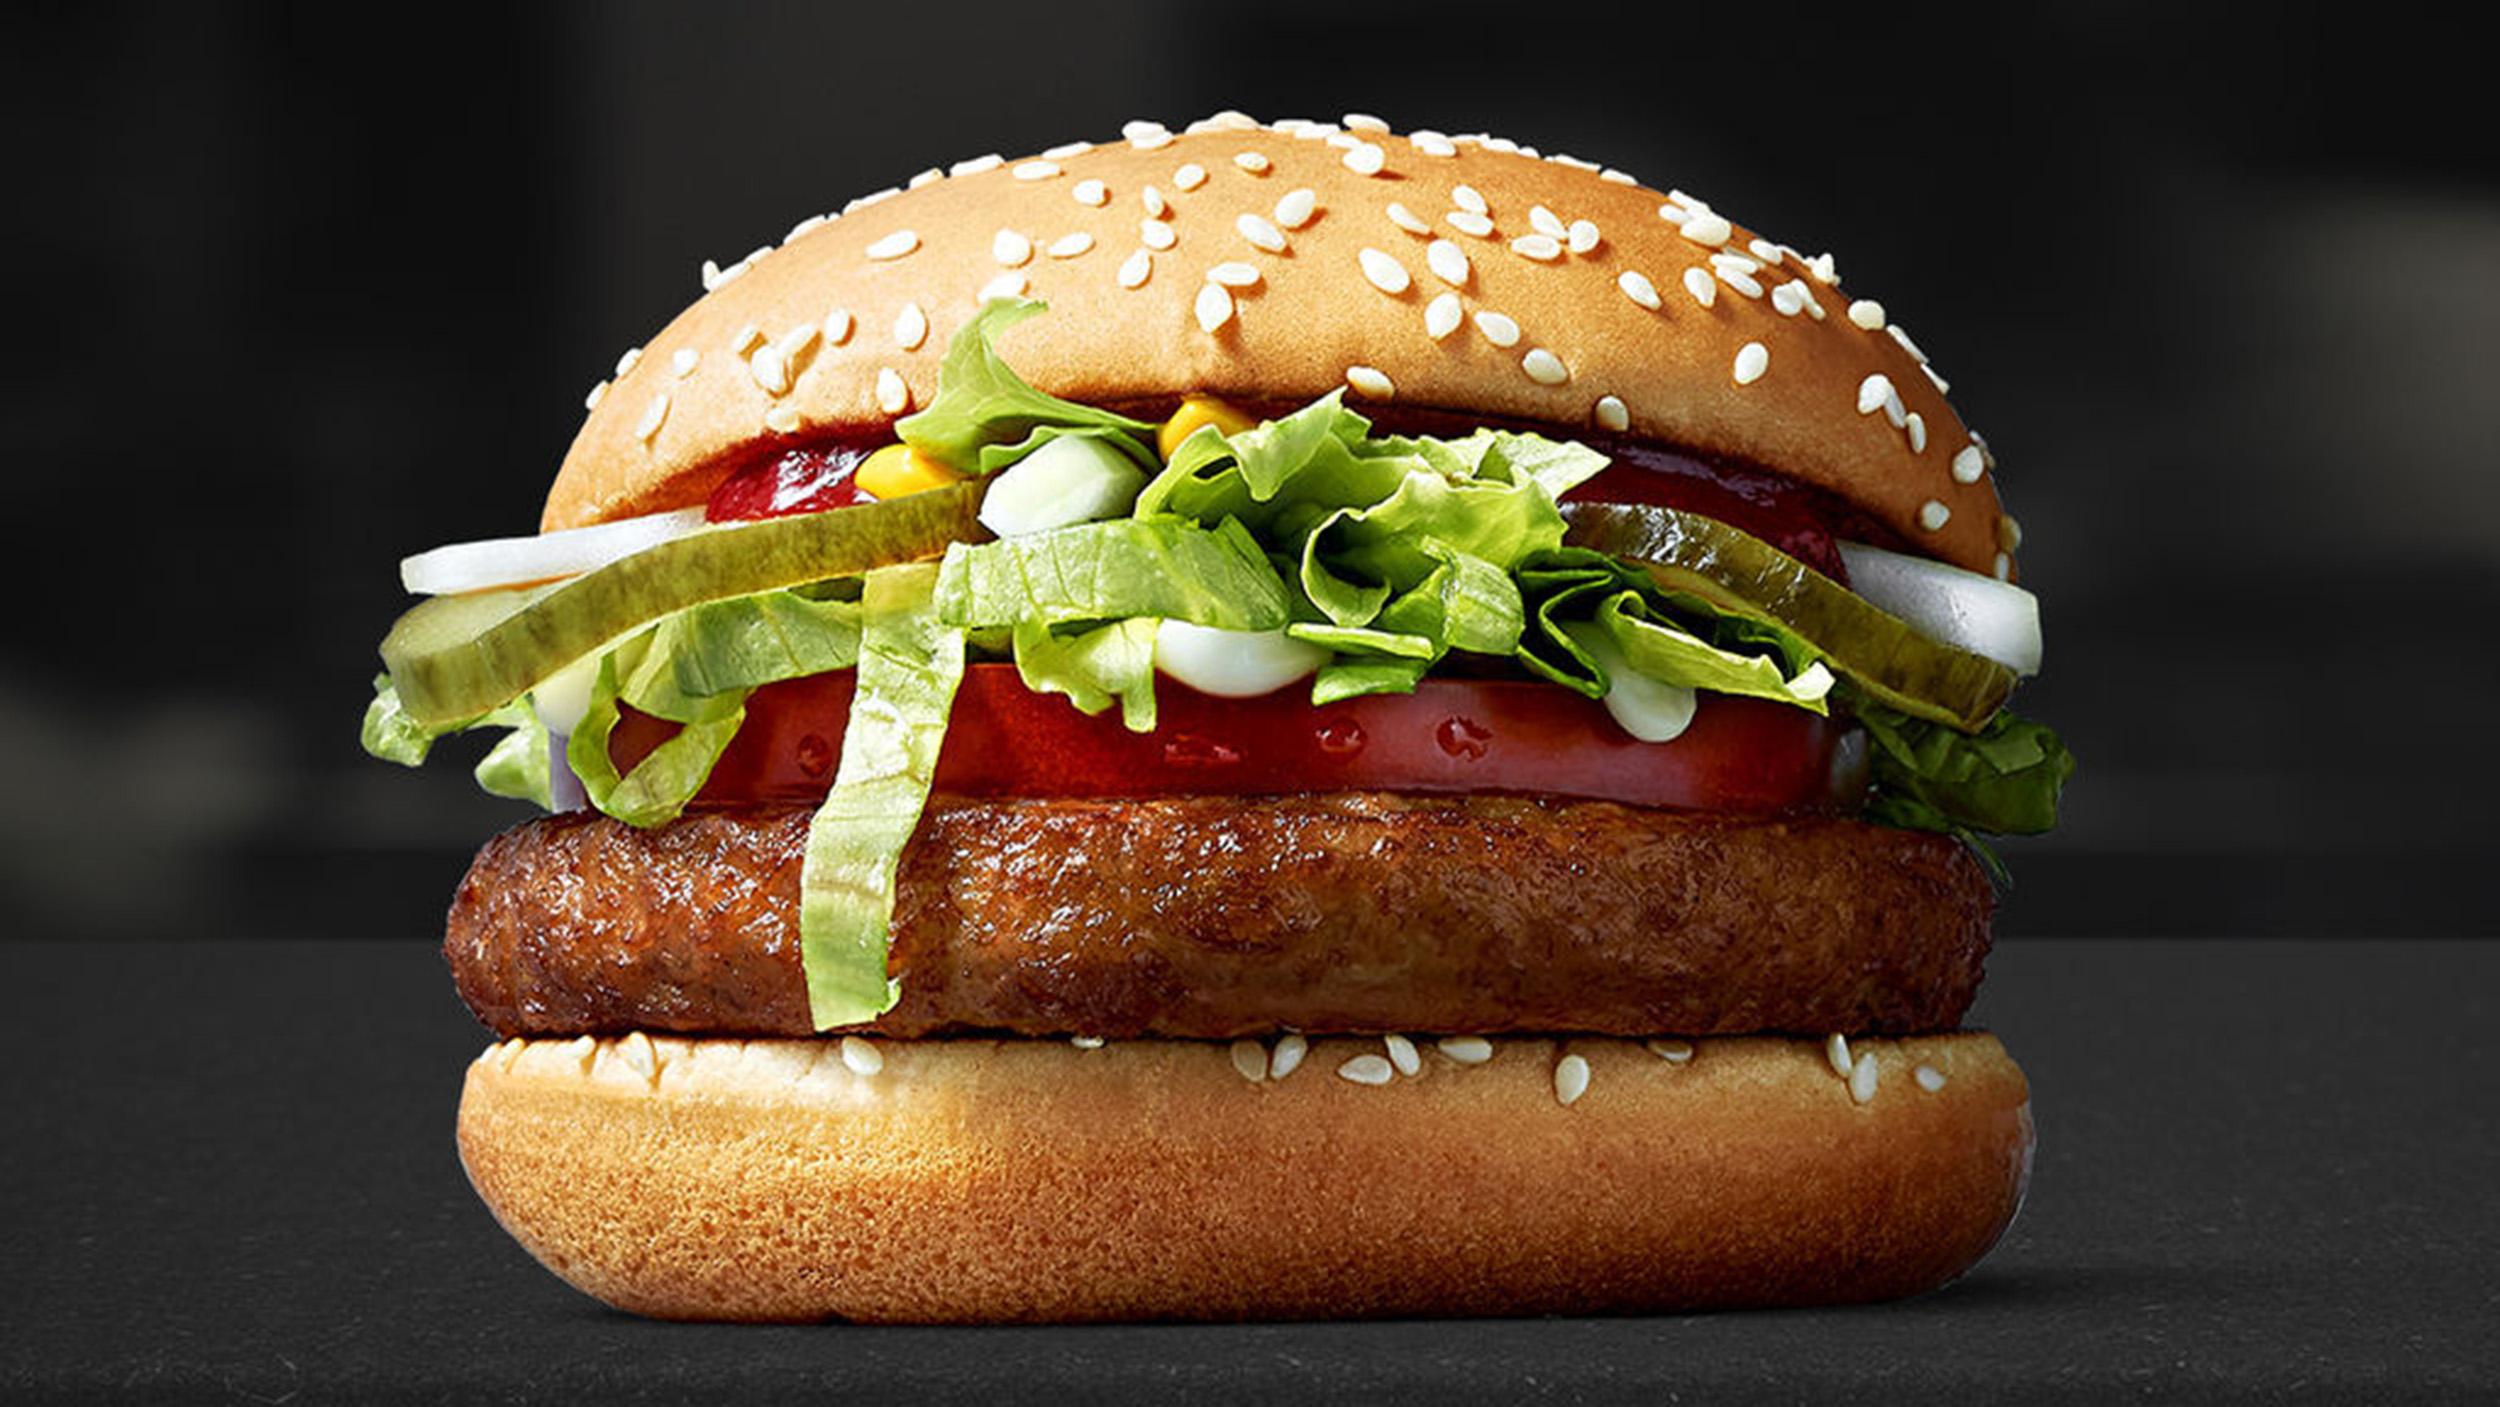 Mc Donald's'ın İlk Vegan Burgeri 'Mc Vegan' Menüde Yerini Aldı